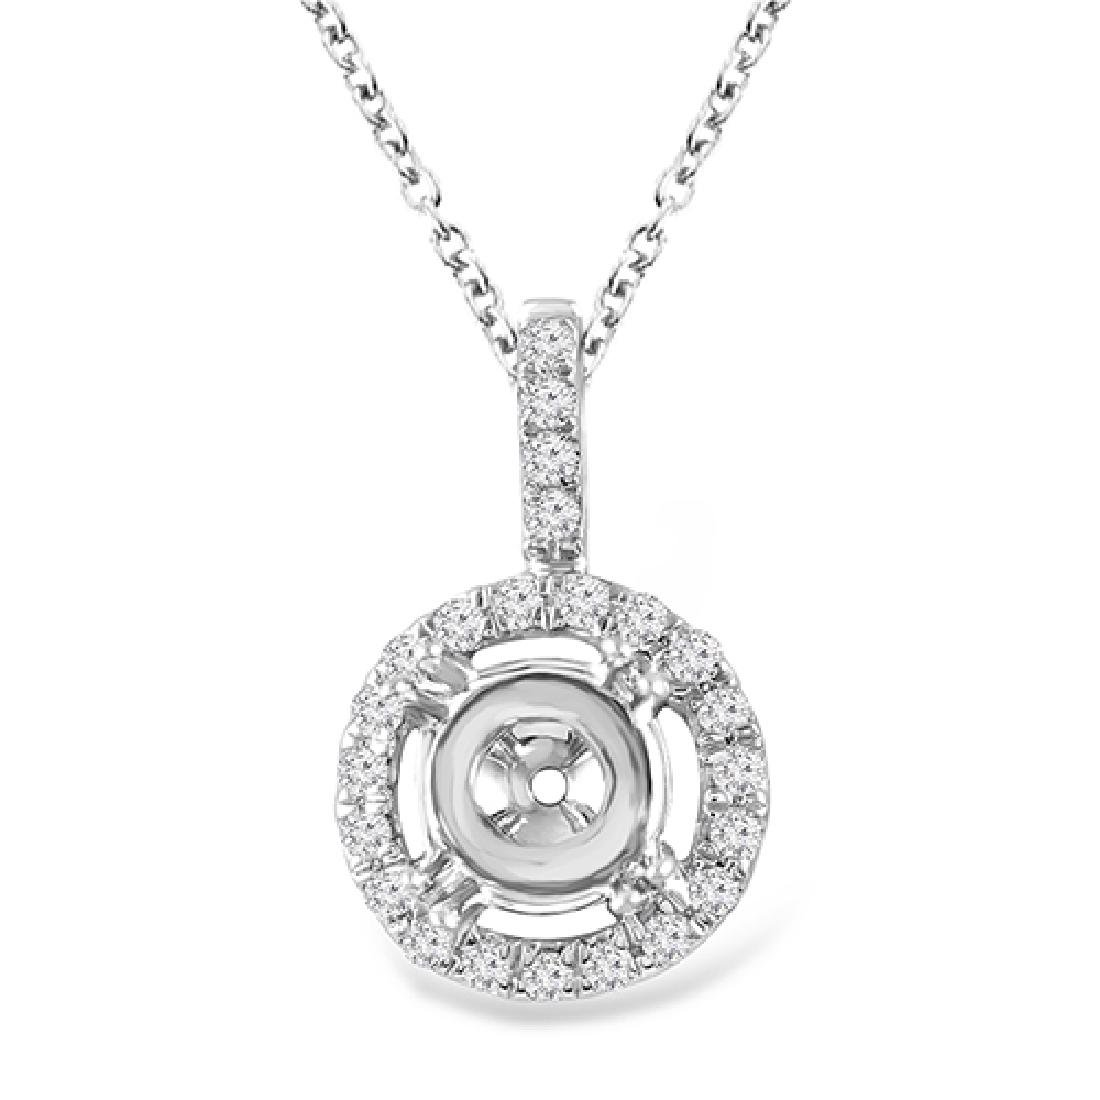 0.17 CTW White Round Diamond Pendant 14K Yellow Gold